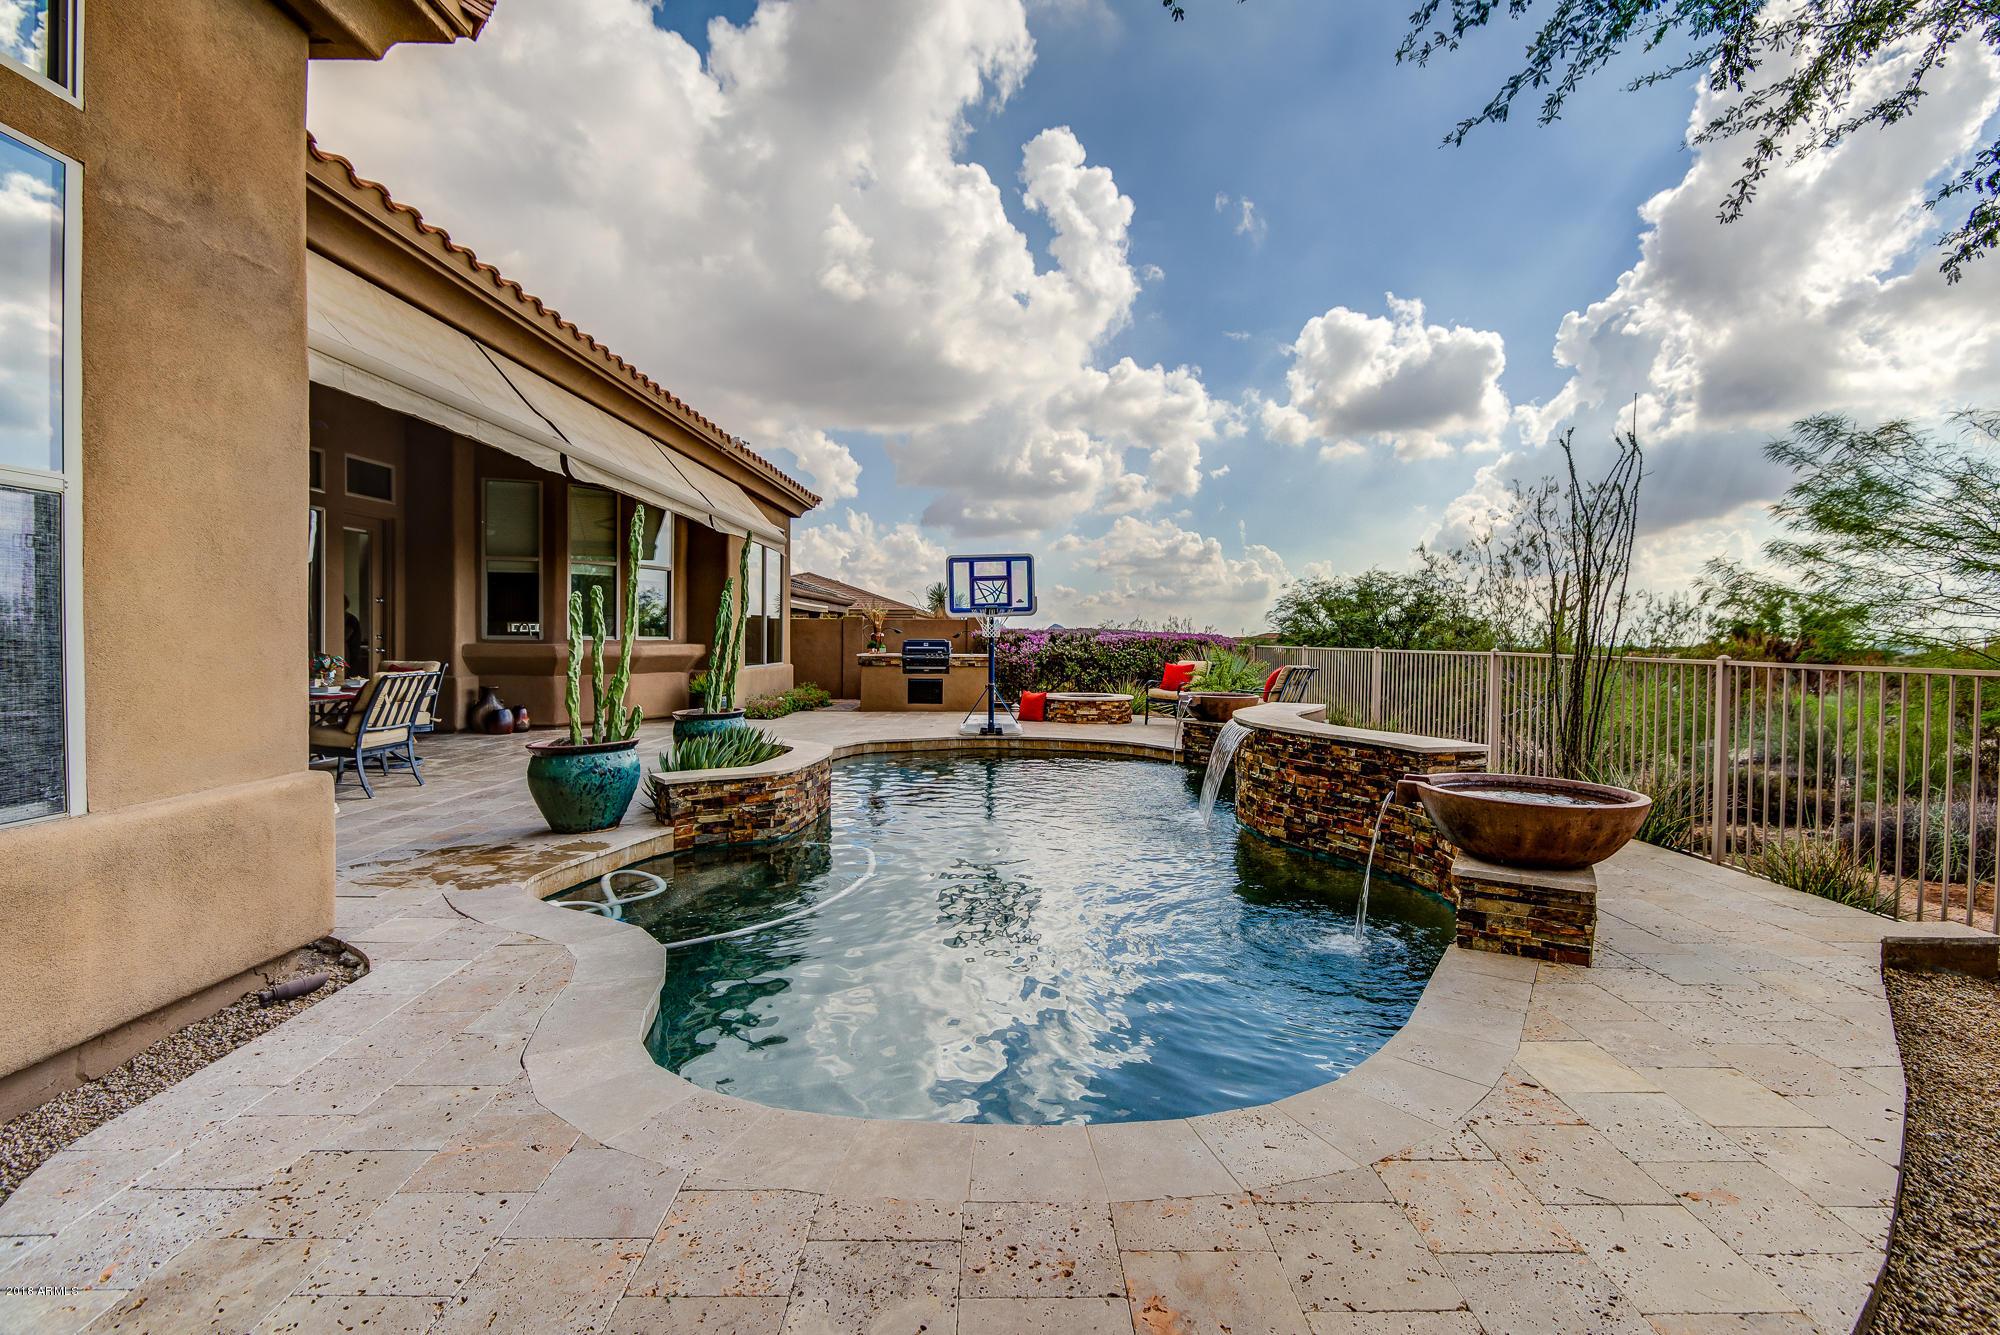 MLS 5972561 34552 N 99TH Way, Scottsdale, AZ 85262 Scottsdale AZ Private Pool